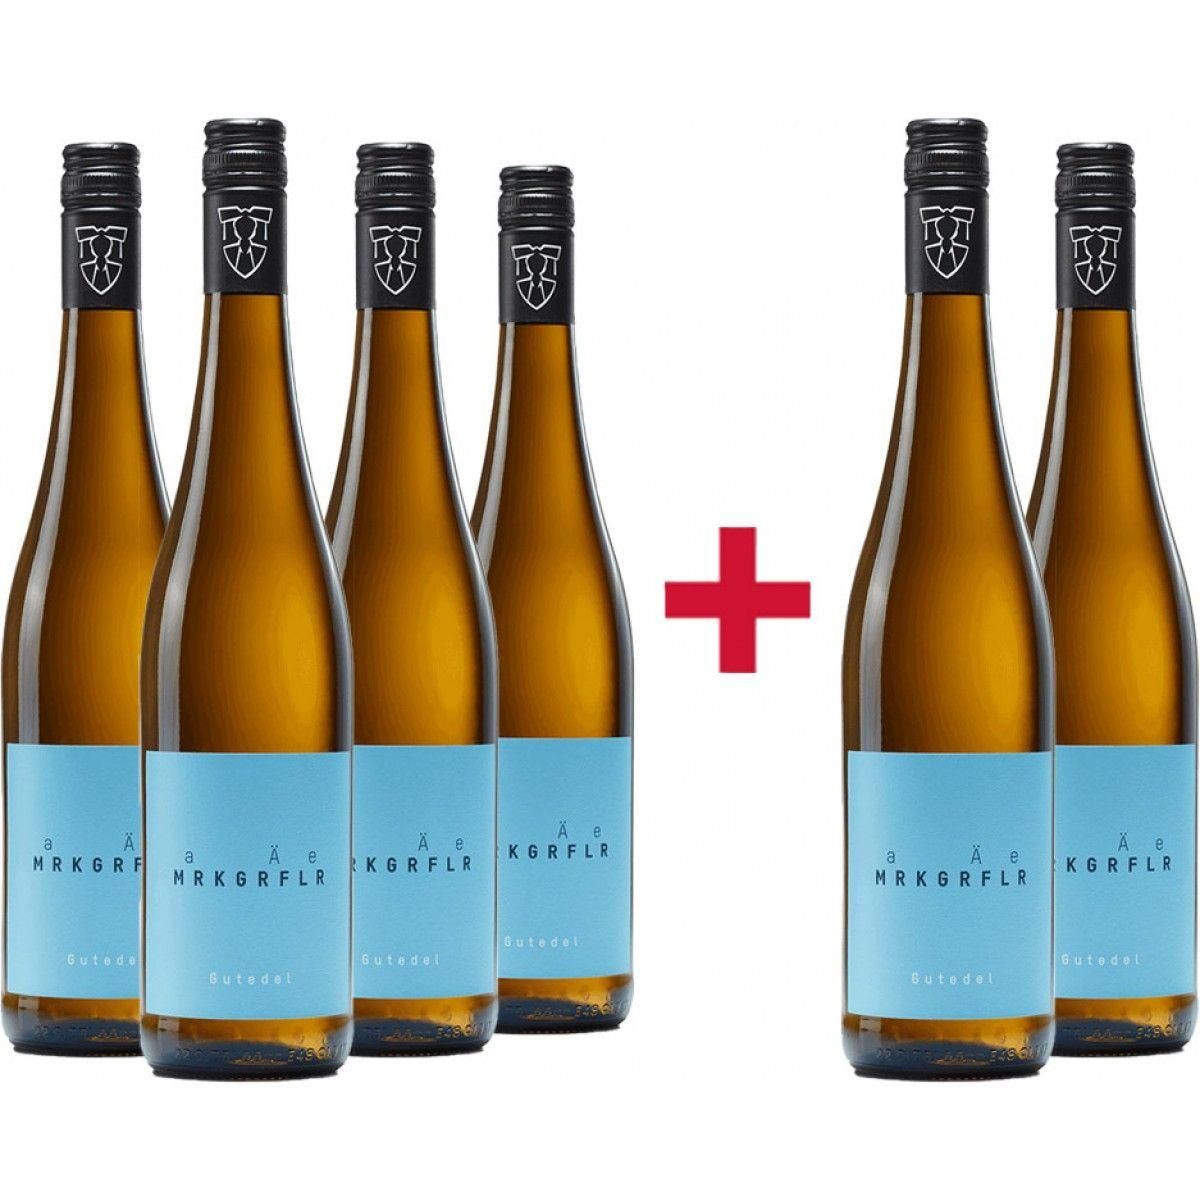 Markgräfler Winzer Gutedel 2019 Probierpaket 6 Flaschen